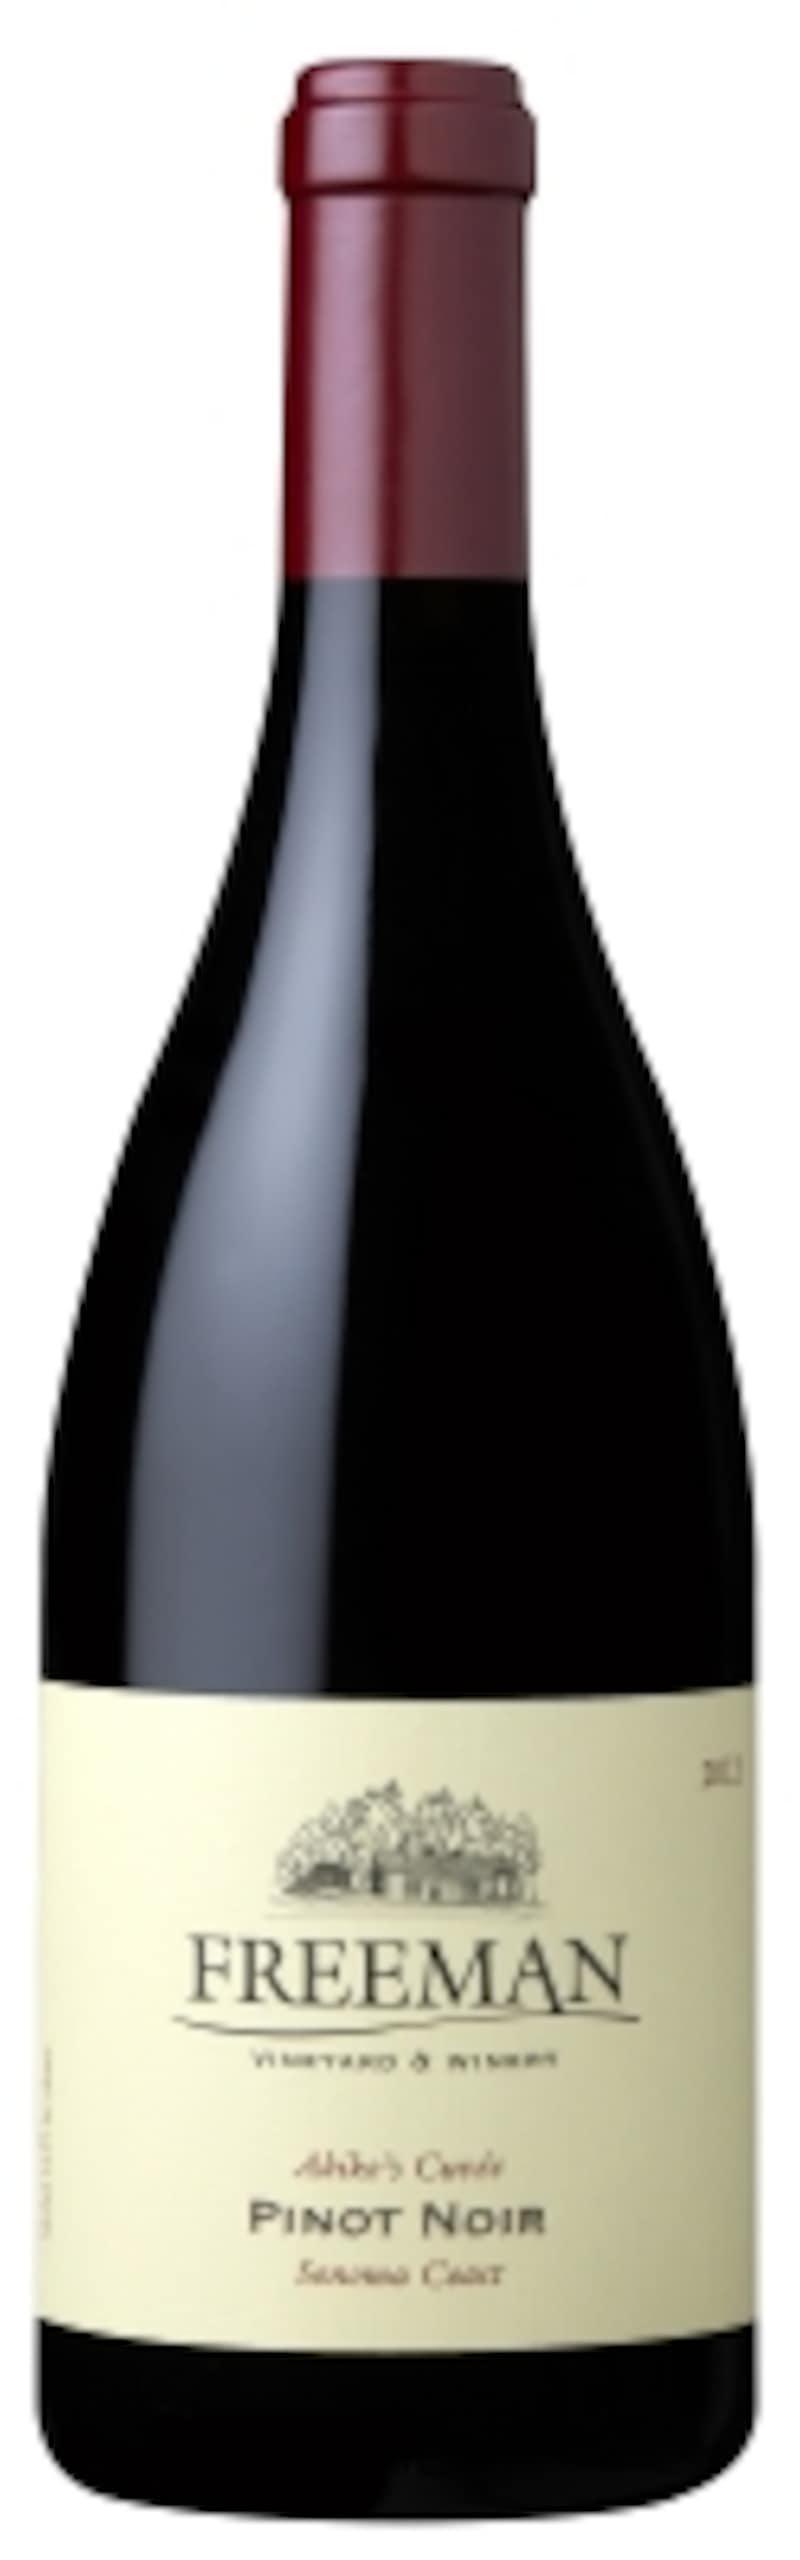 2013フリーマンアキコズ・キュヴェピノ・ノワールソノマ・コースト750ml11,700円(税別)